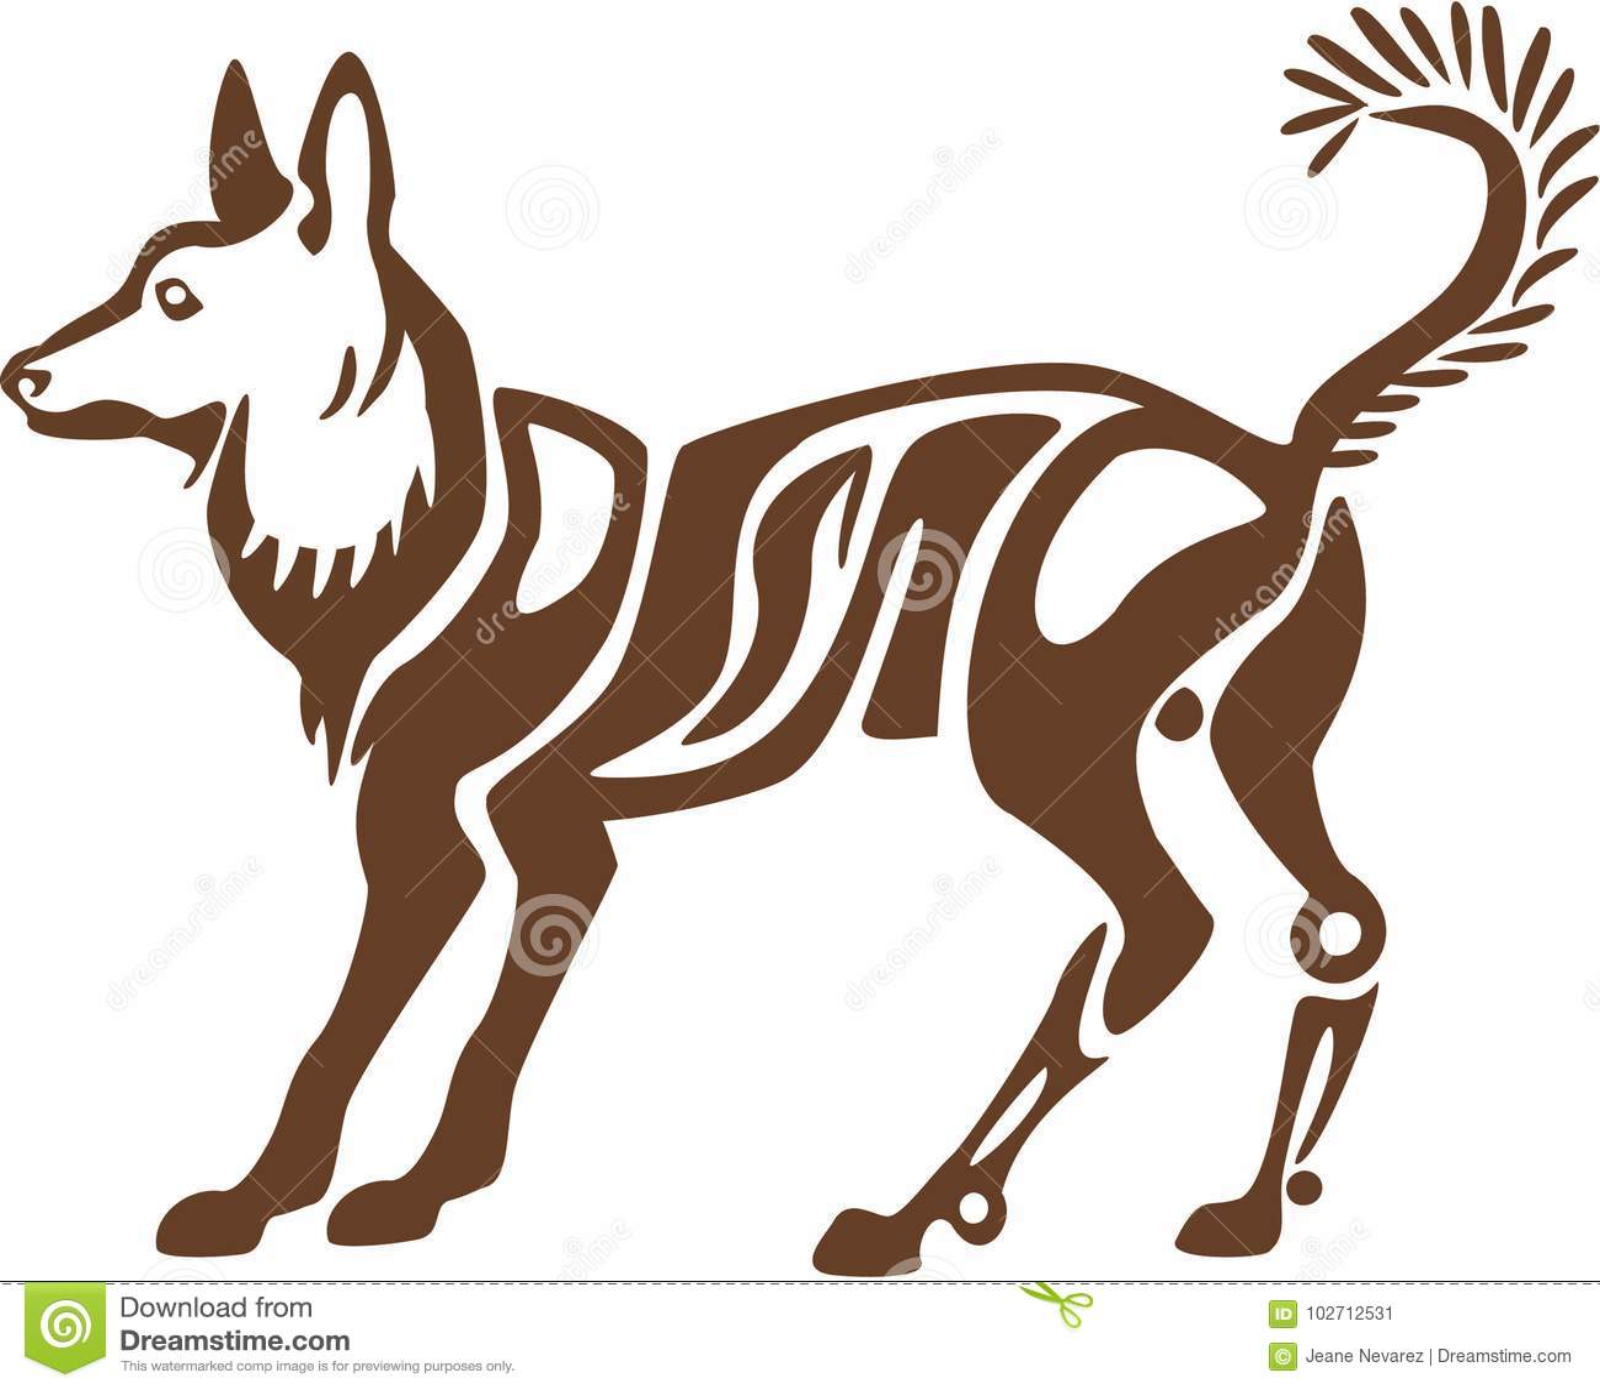 Стилизованная собака шпица